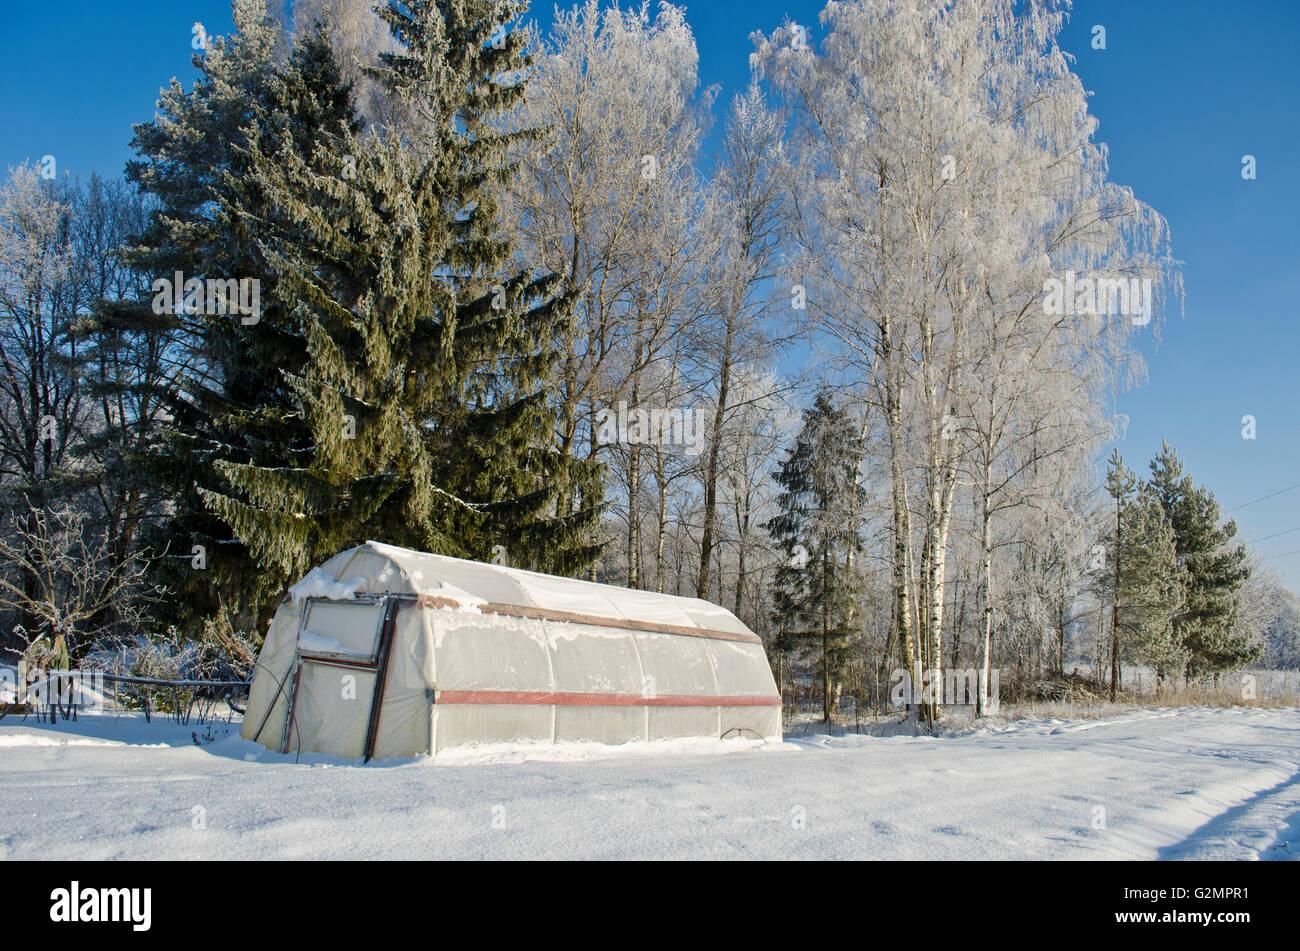 Plastischen Gewachshaus Gewachshaus Im Winter Abgedeckt Bauernhof